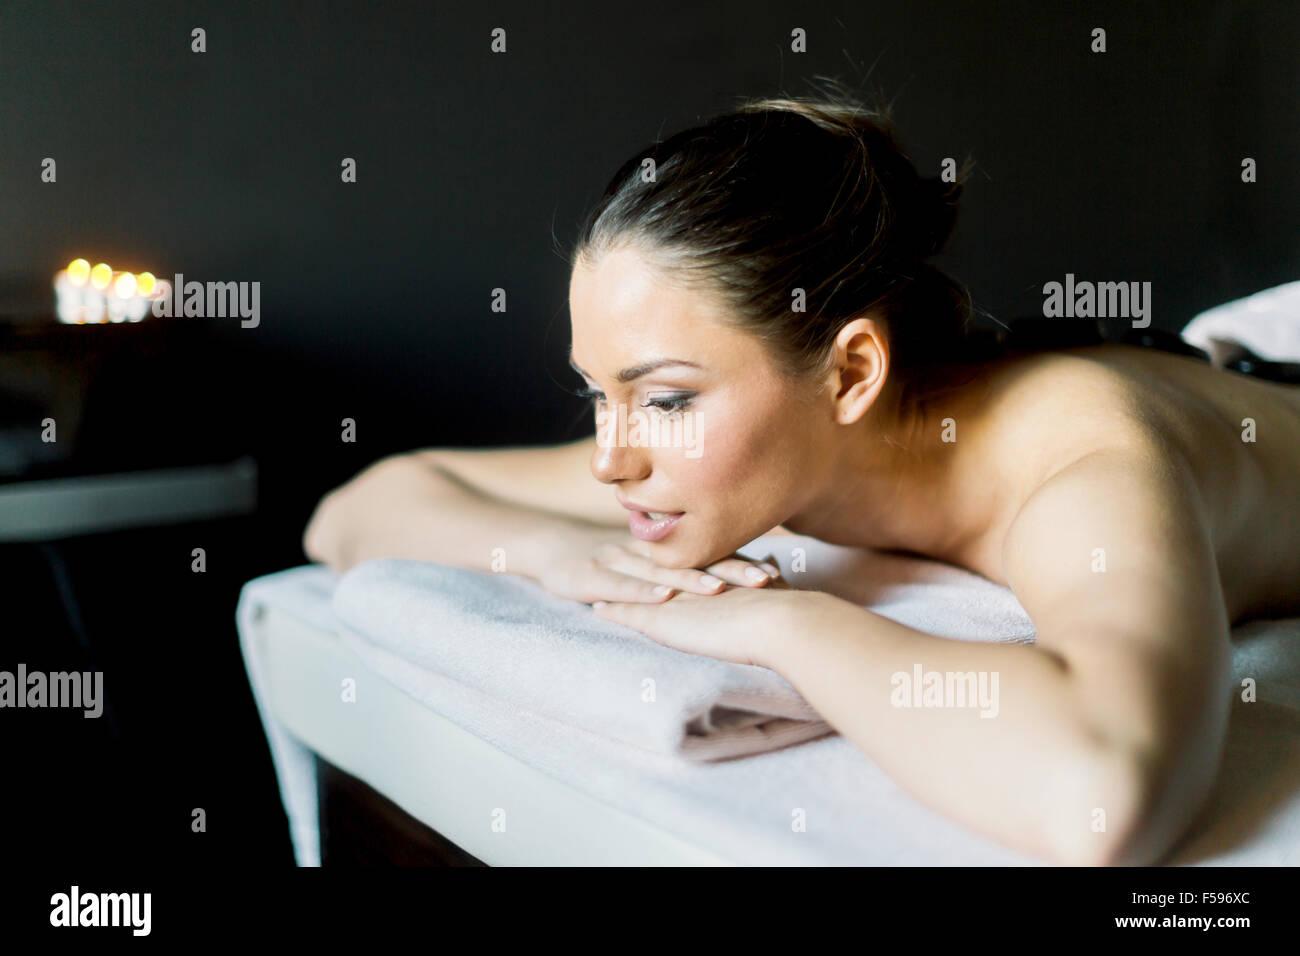 Ritratto di una giovane e bella donna di relax con gli occhi aperti su un lettino da massaggio in una stanza buia Foto Stock